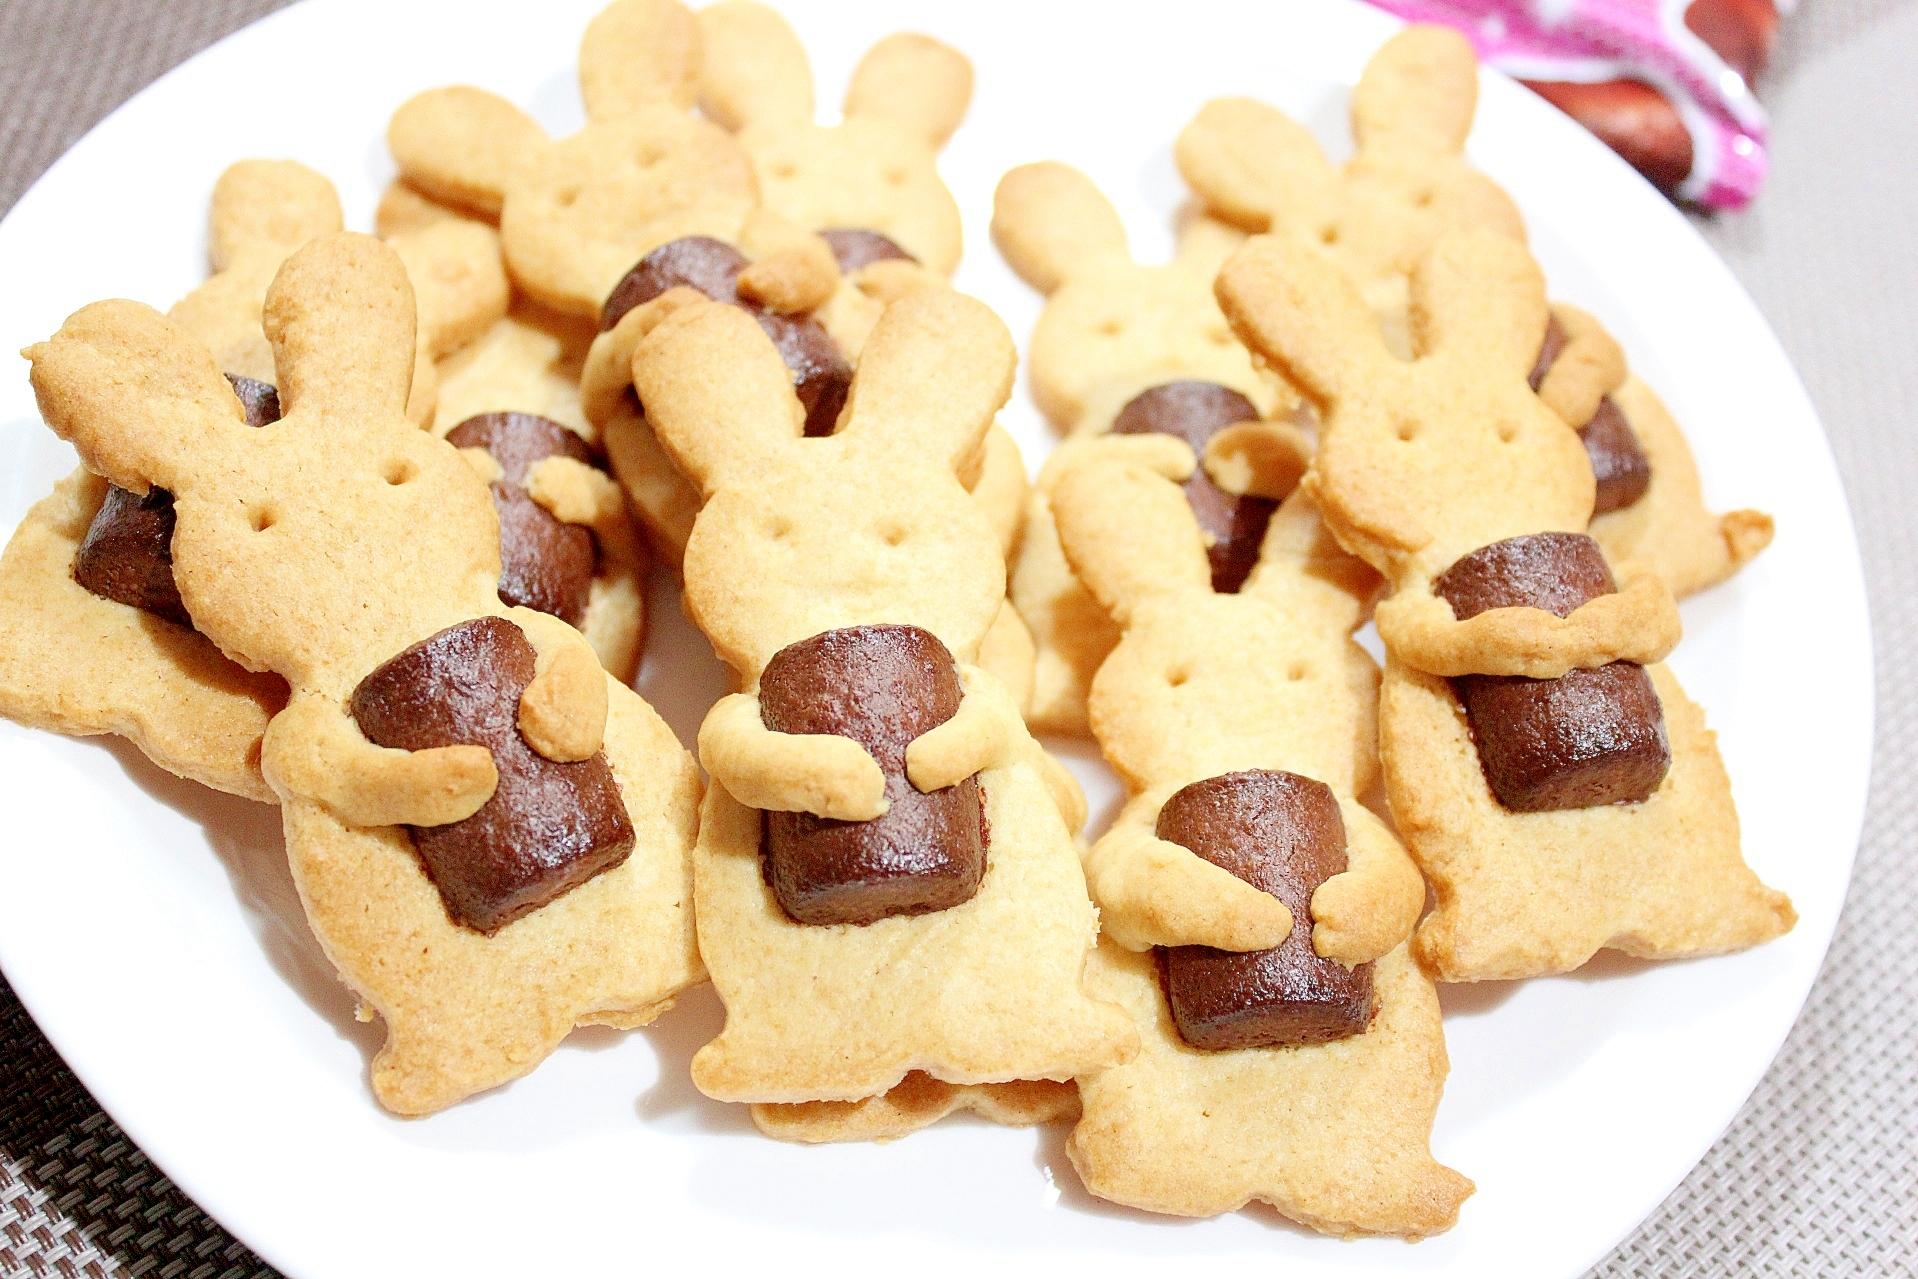 焼きチョコベイクの抱っこうさぎクッキー レシピ・作り方 by ラムちゃん1224|楽天レシピ